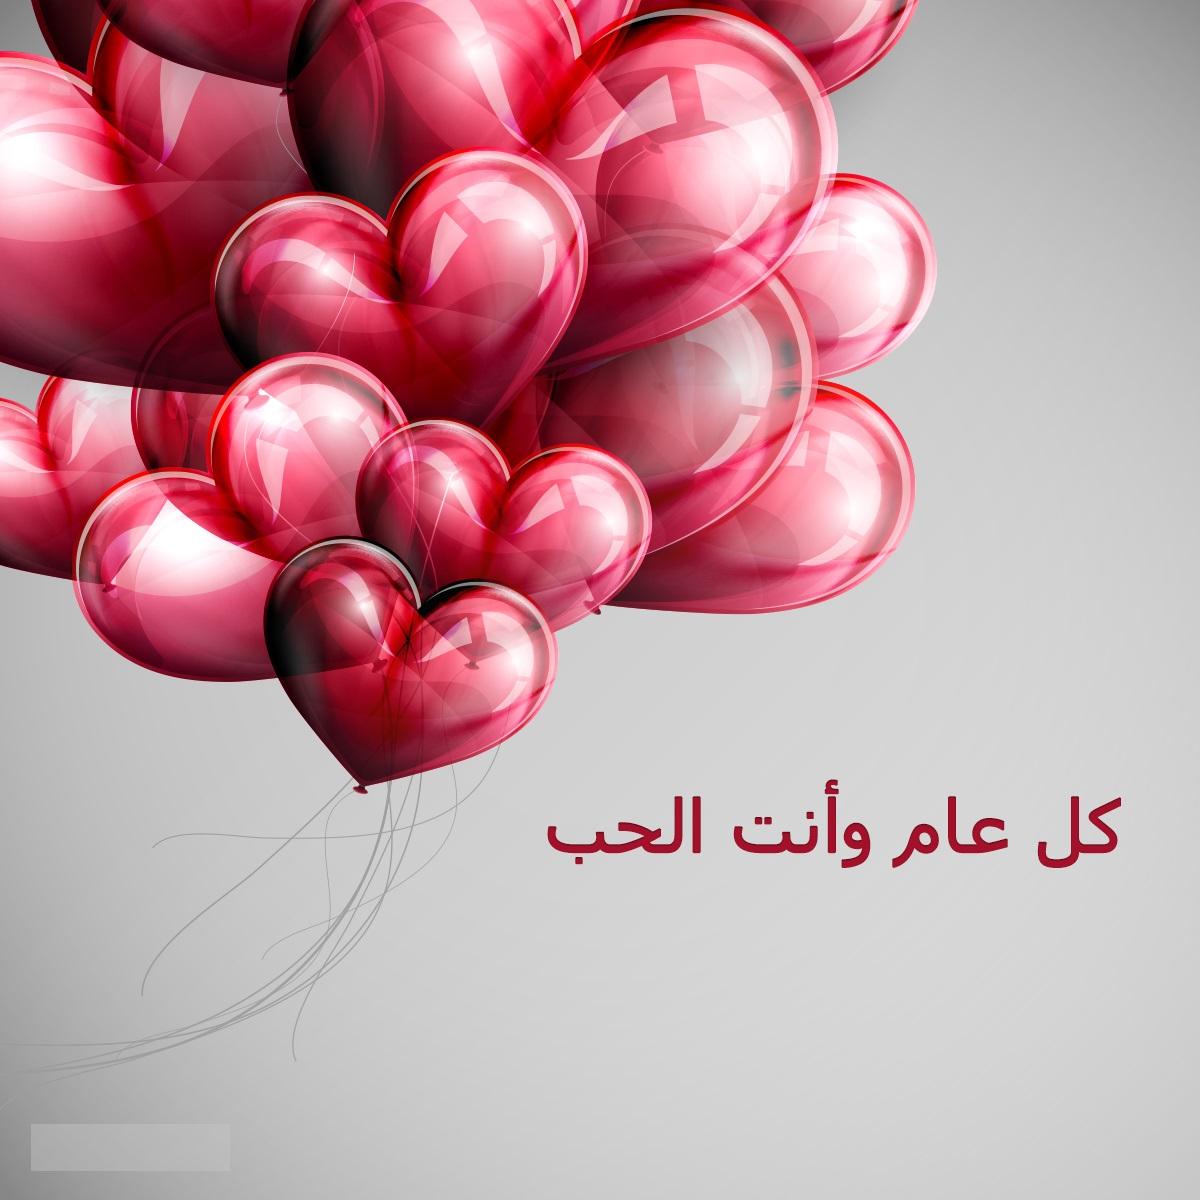 بالصور صور عيد ميلاد حبيبي , صور عيد ميلاد رومانسية 4375 5